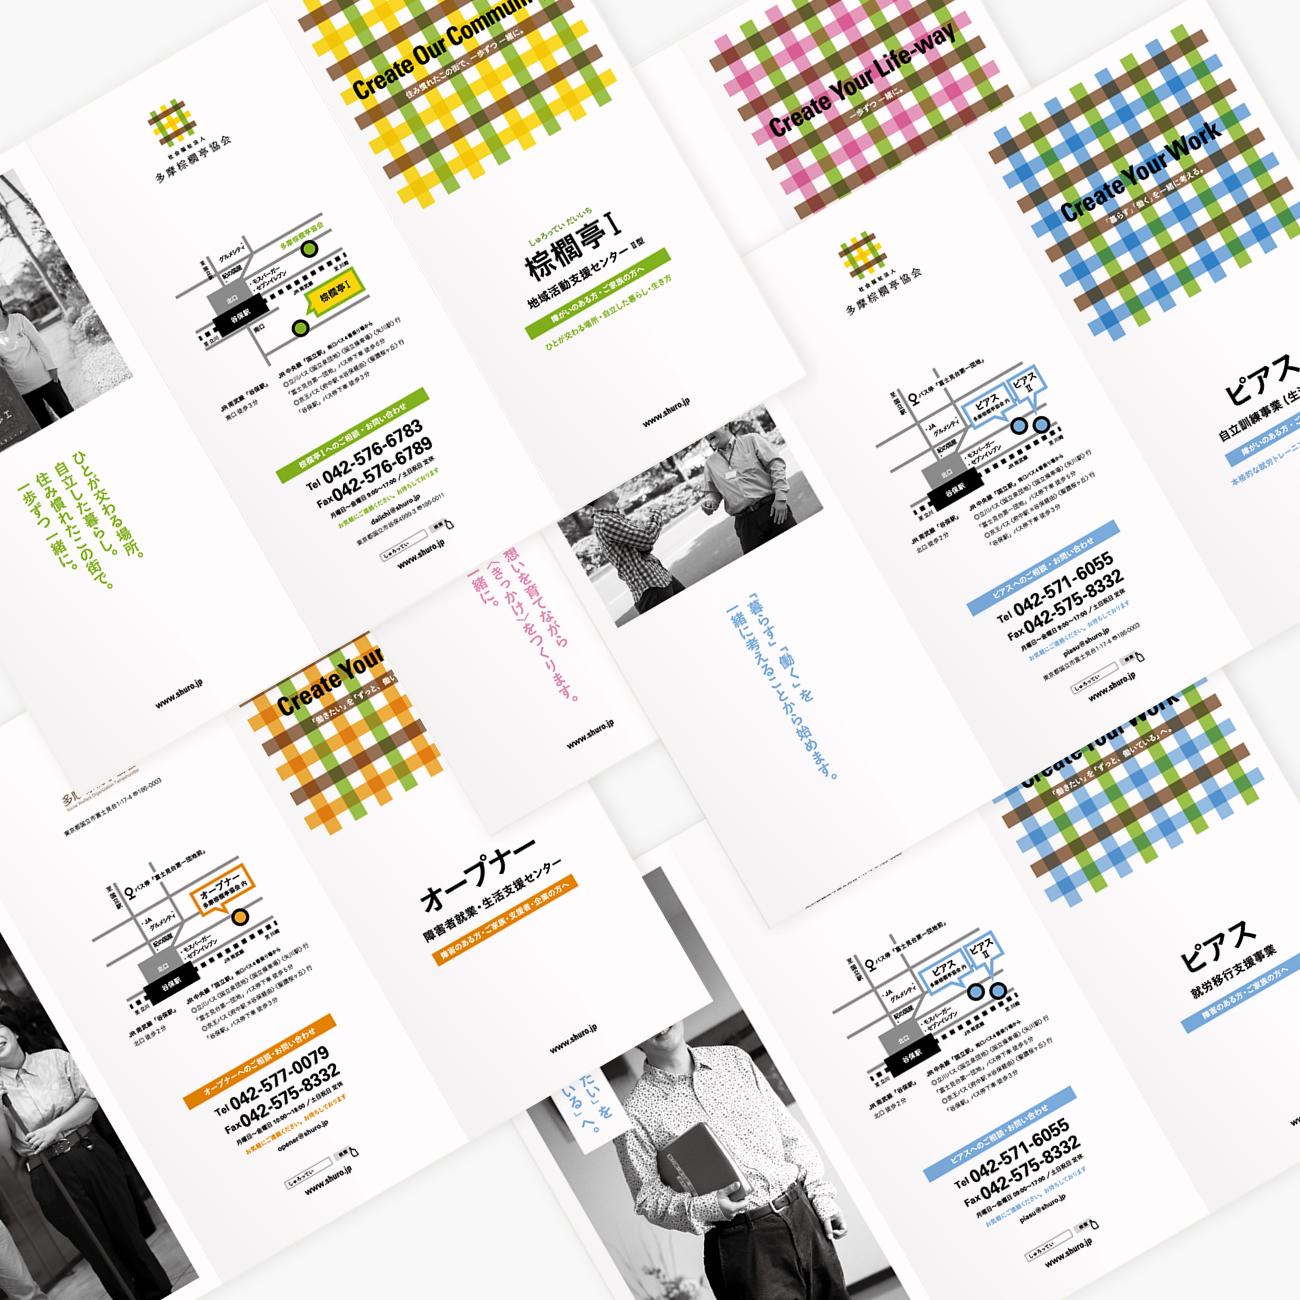 社会福祉法人 多摩棕櫚亭協会|障がい者支援 事業施設パンフレット|ロゴシンボル|パンフレット グラフィックデザイン|東京都国立市